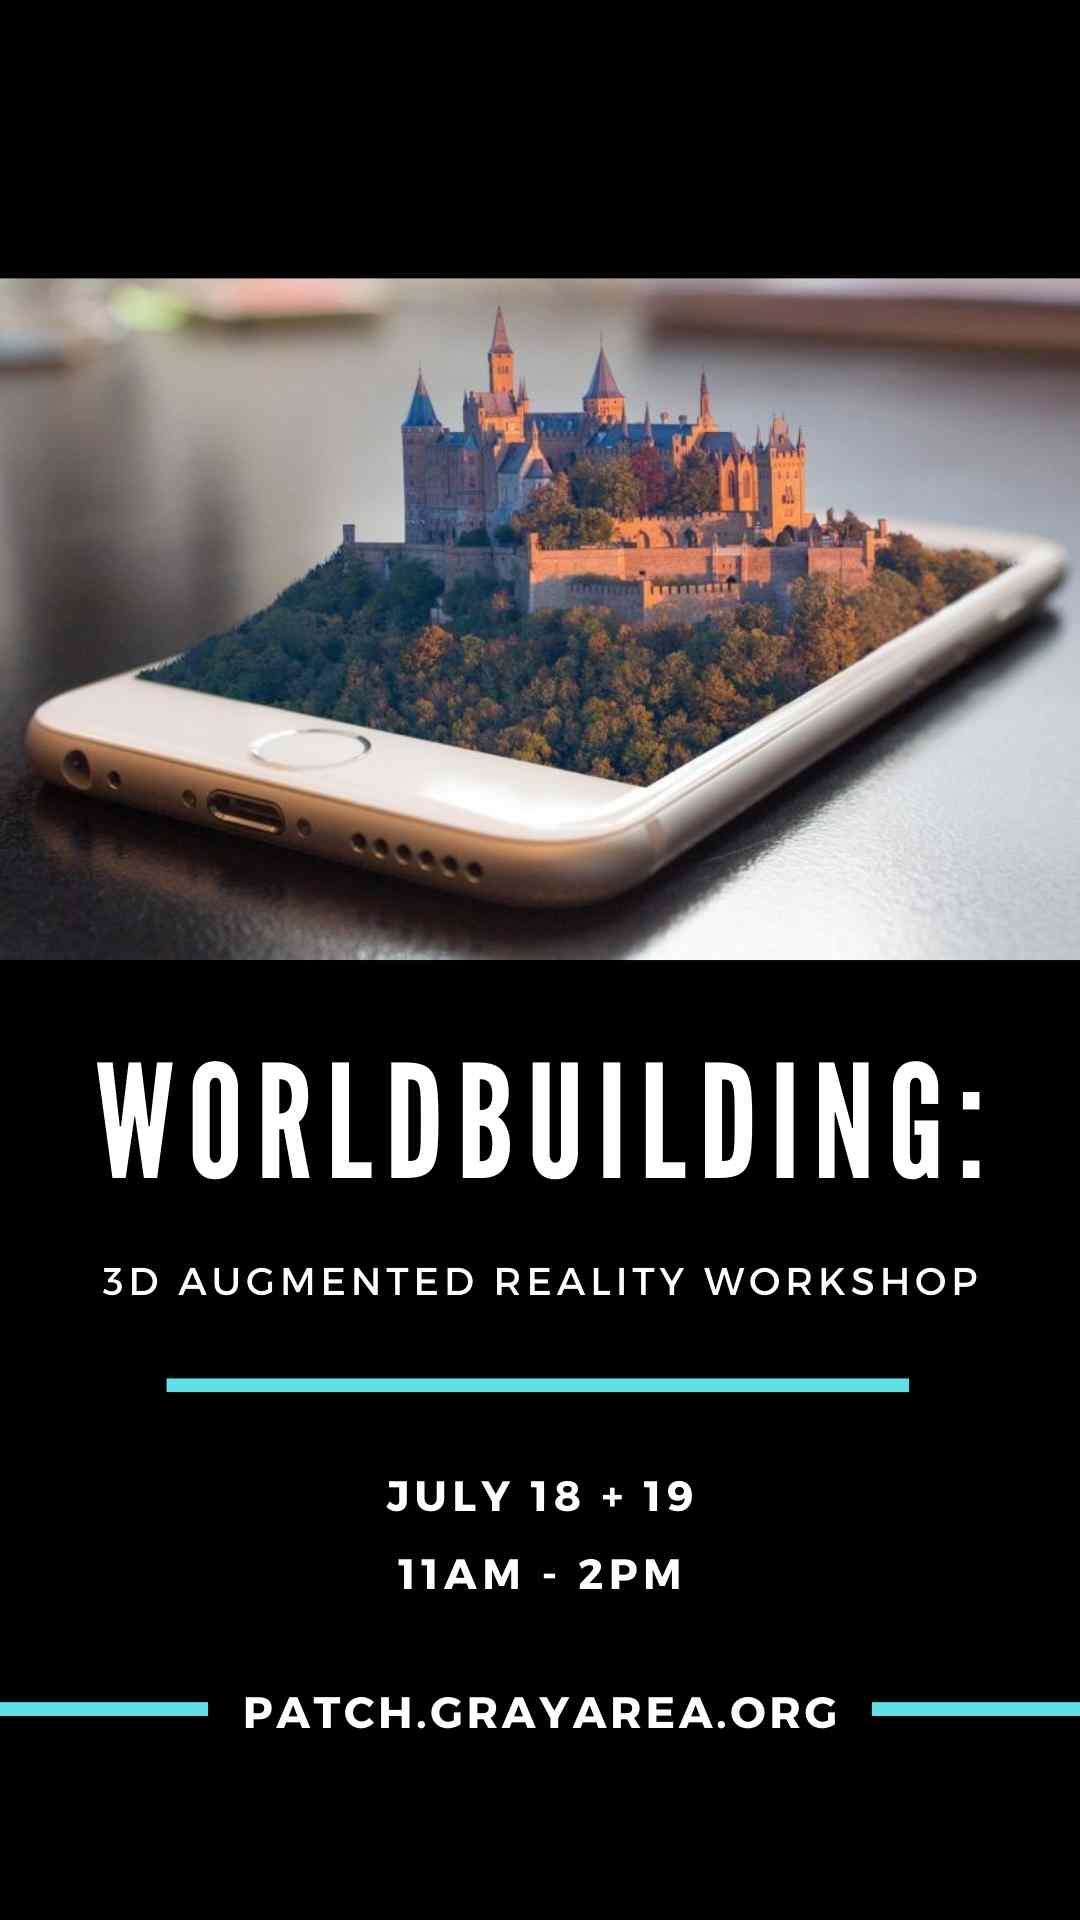 Worldbuilding Workshop